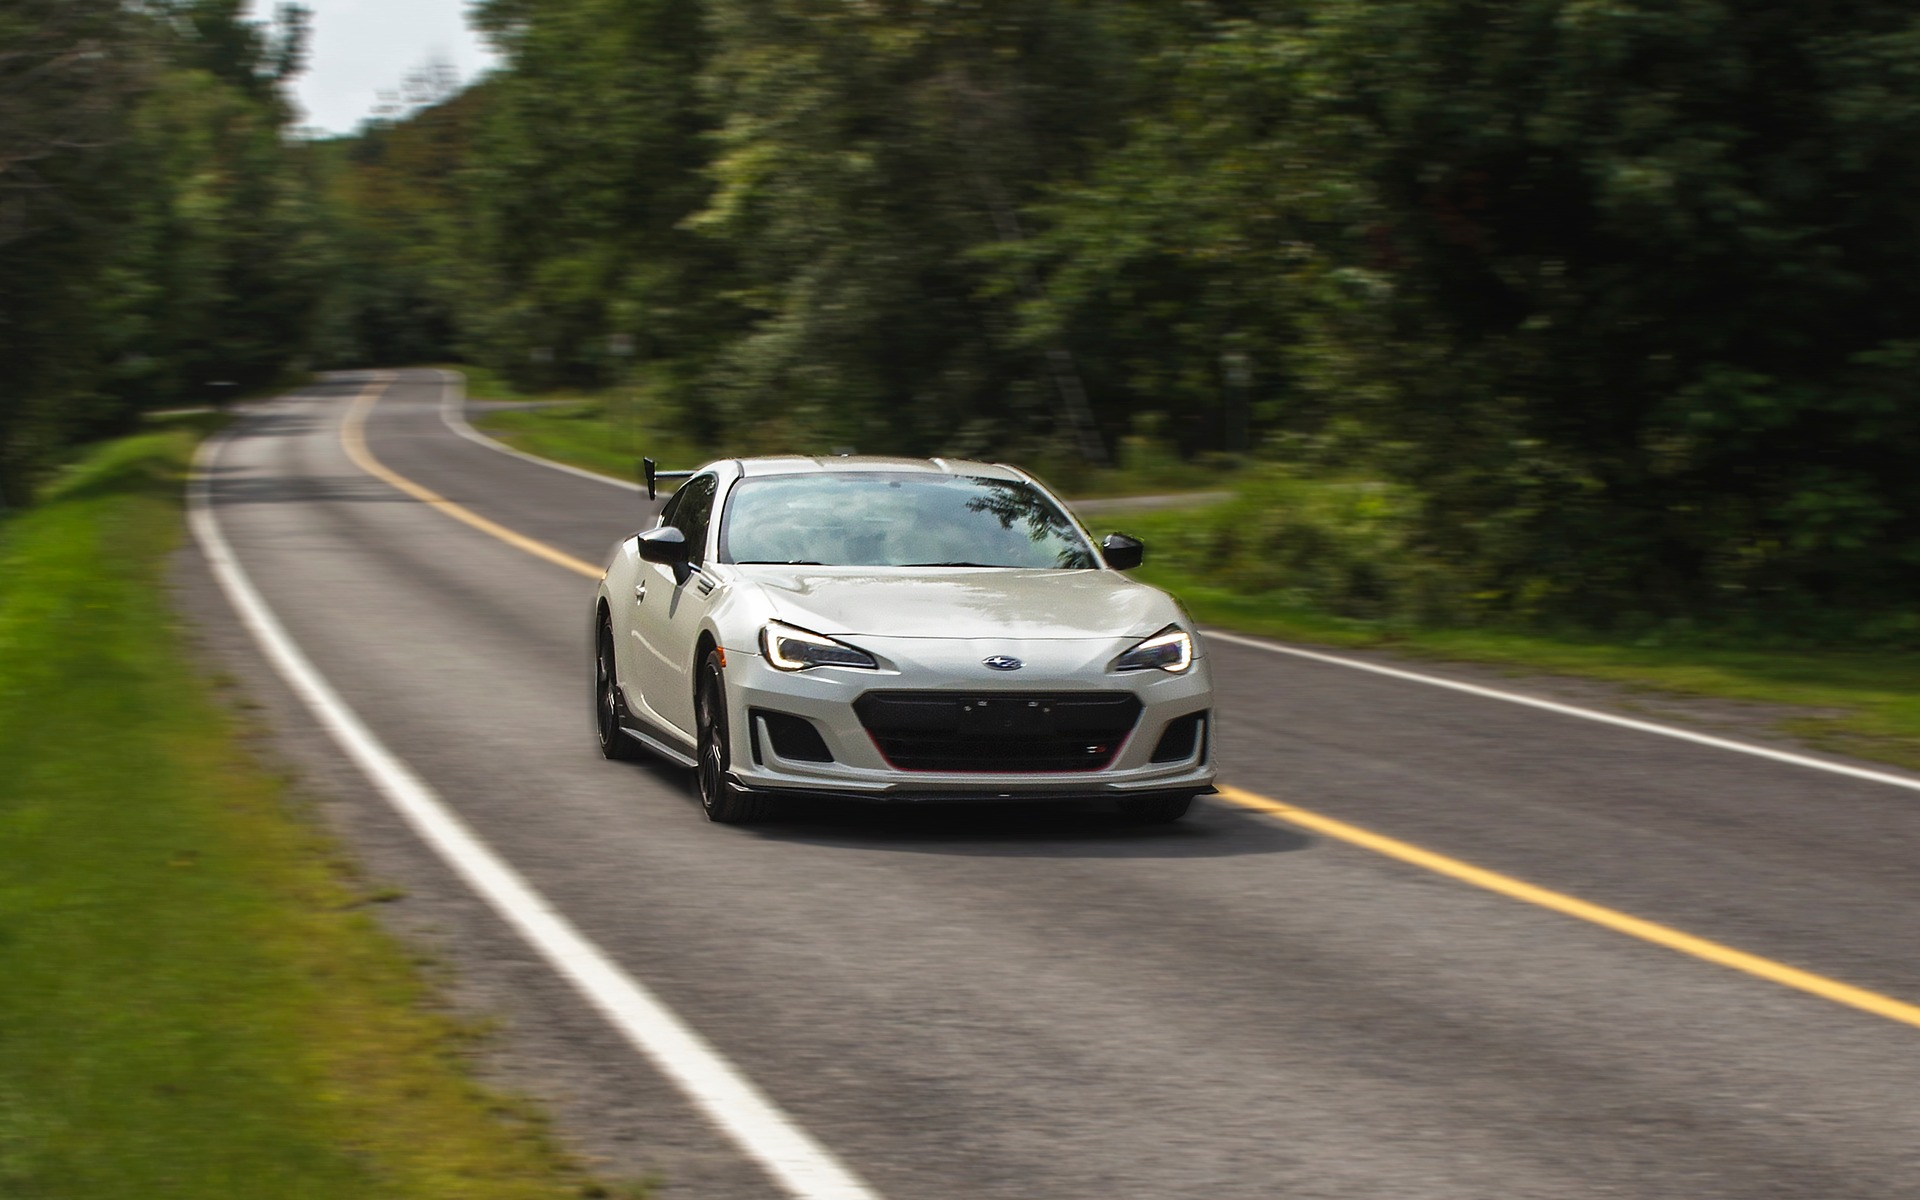 Subaru BRZ tS 2018 : OK, là, ça lui prend plus de puissance ! 347053_Subaru_BRZ_tS_2018_ok_la_ca_lui_prend_un_moteur